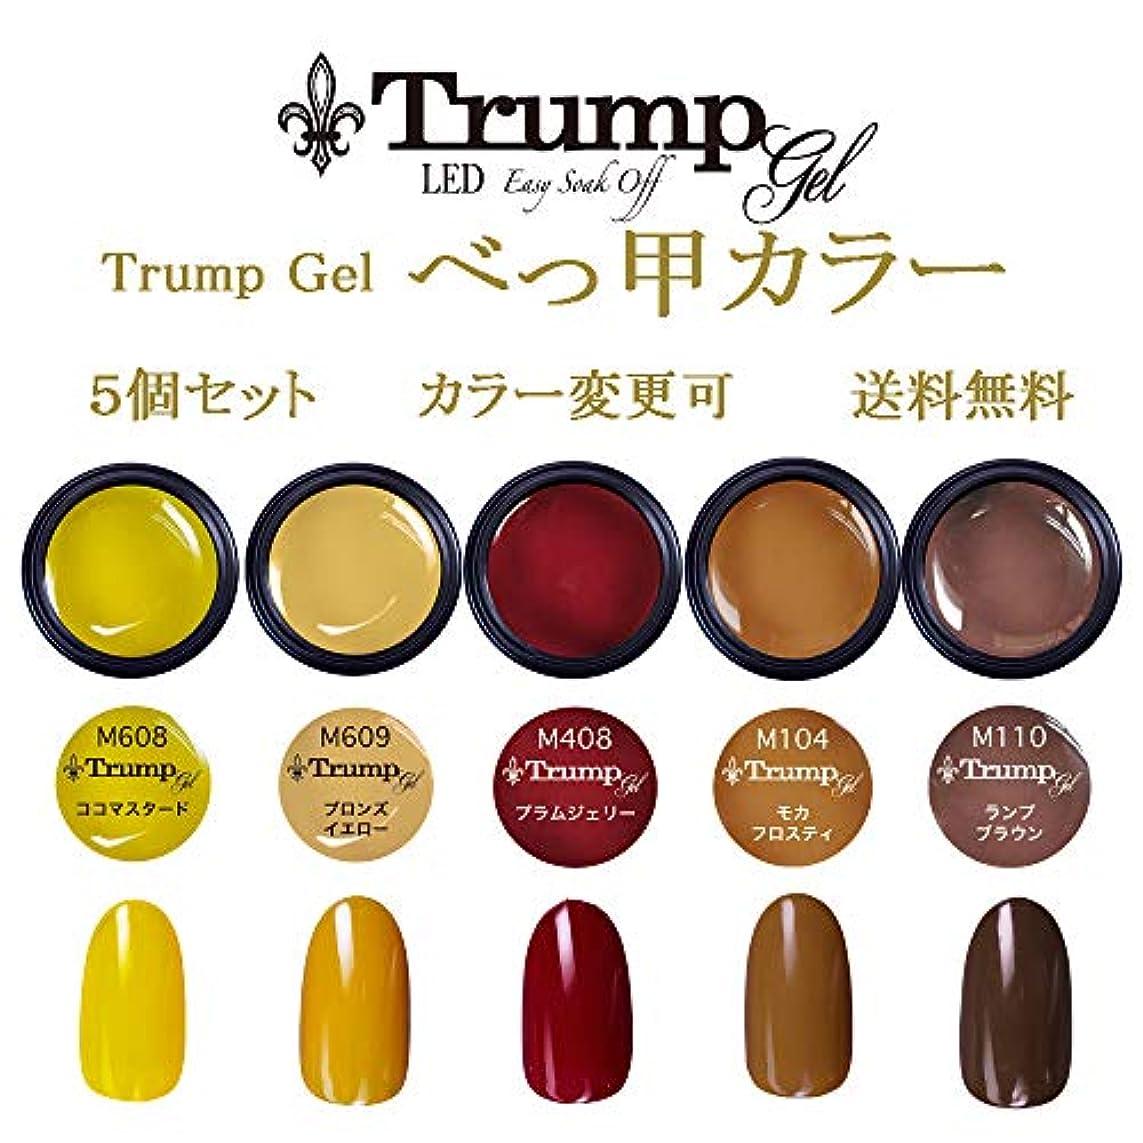 晩餐孤児る日本製 Trump gel トランプジェル べっ甲 ネイルカラー 選べる カラージェル 5個セット イエロー ブラウン ワイン べっこう